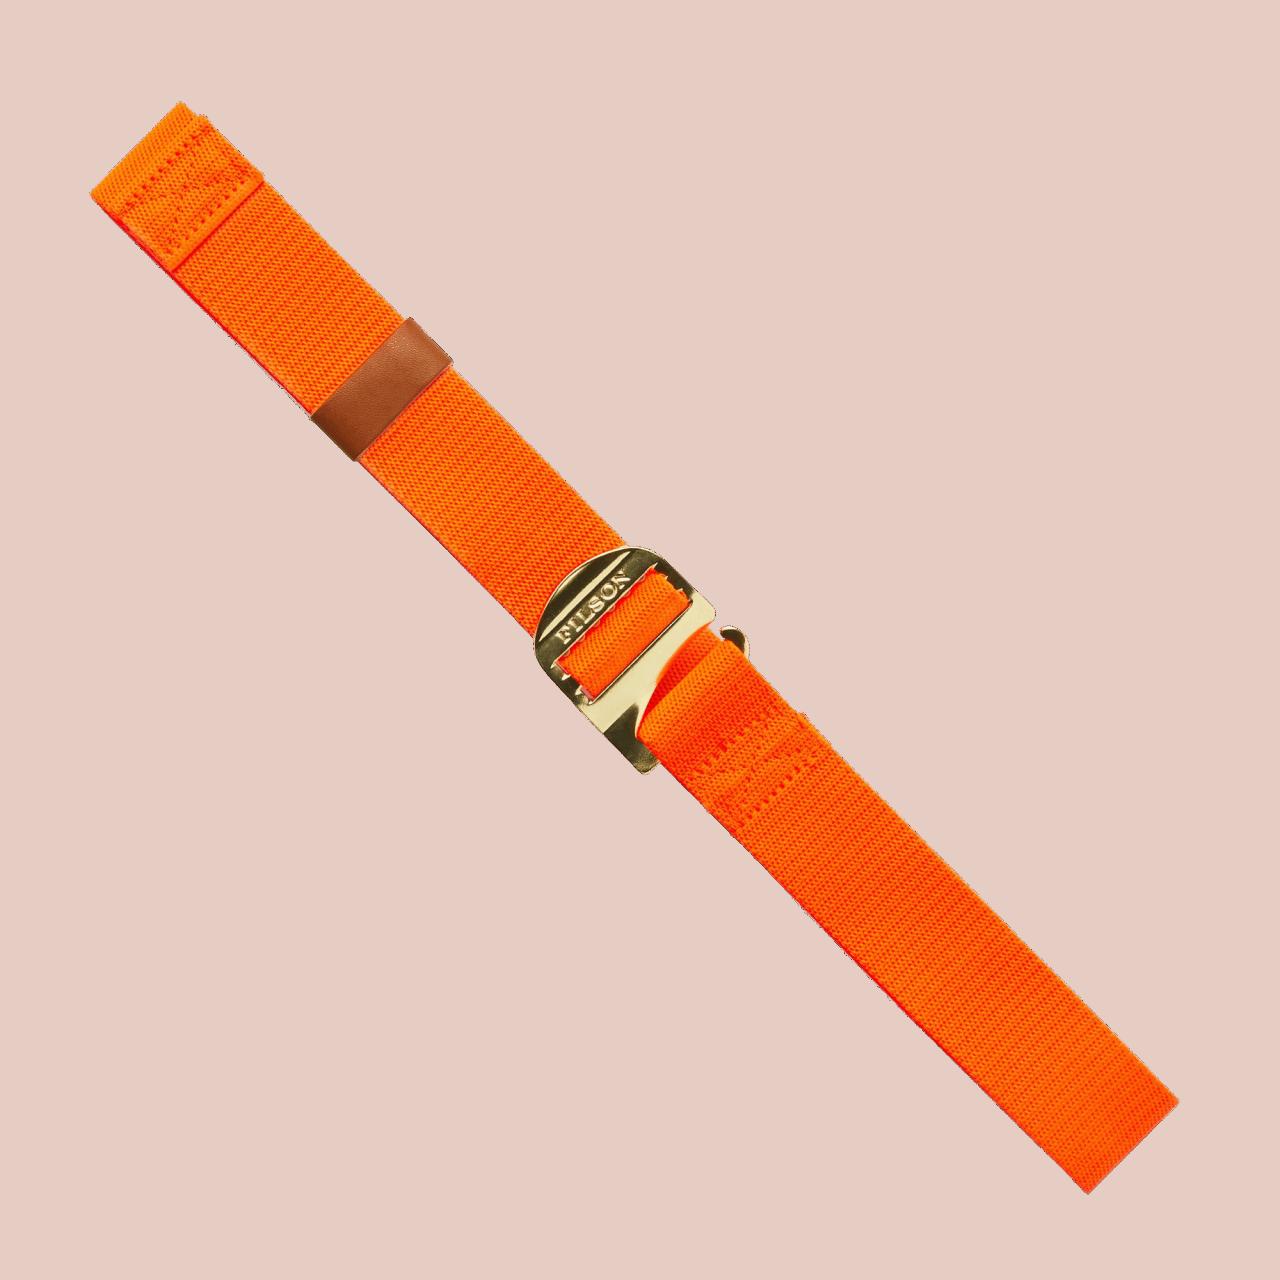 Filson Togiak Belt - flame